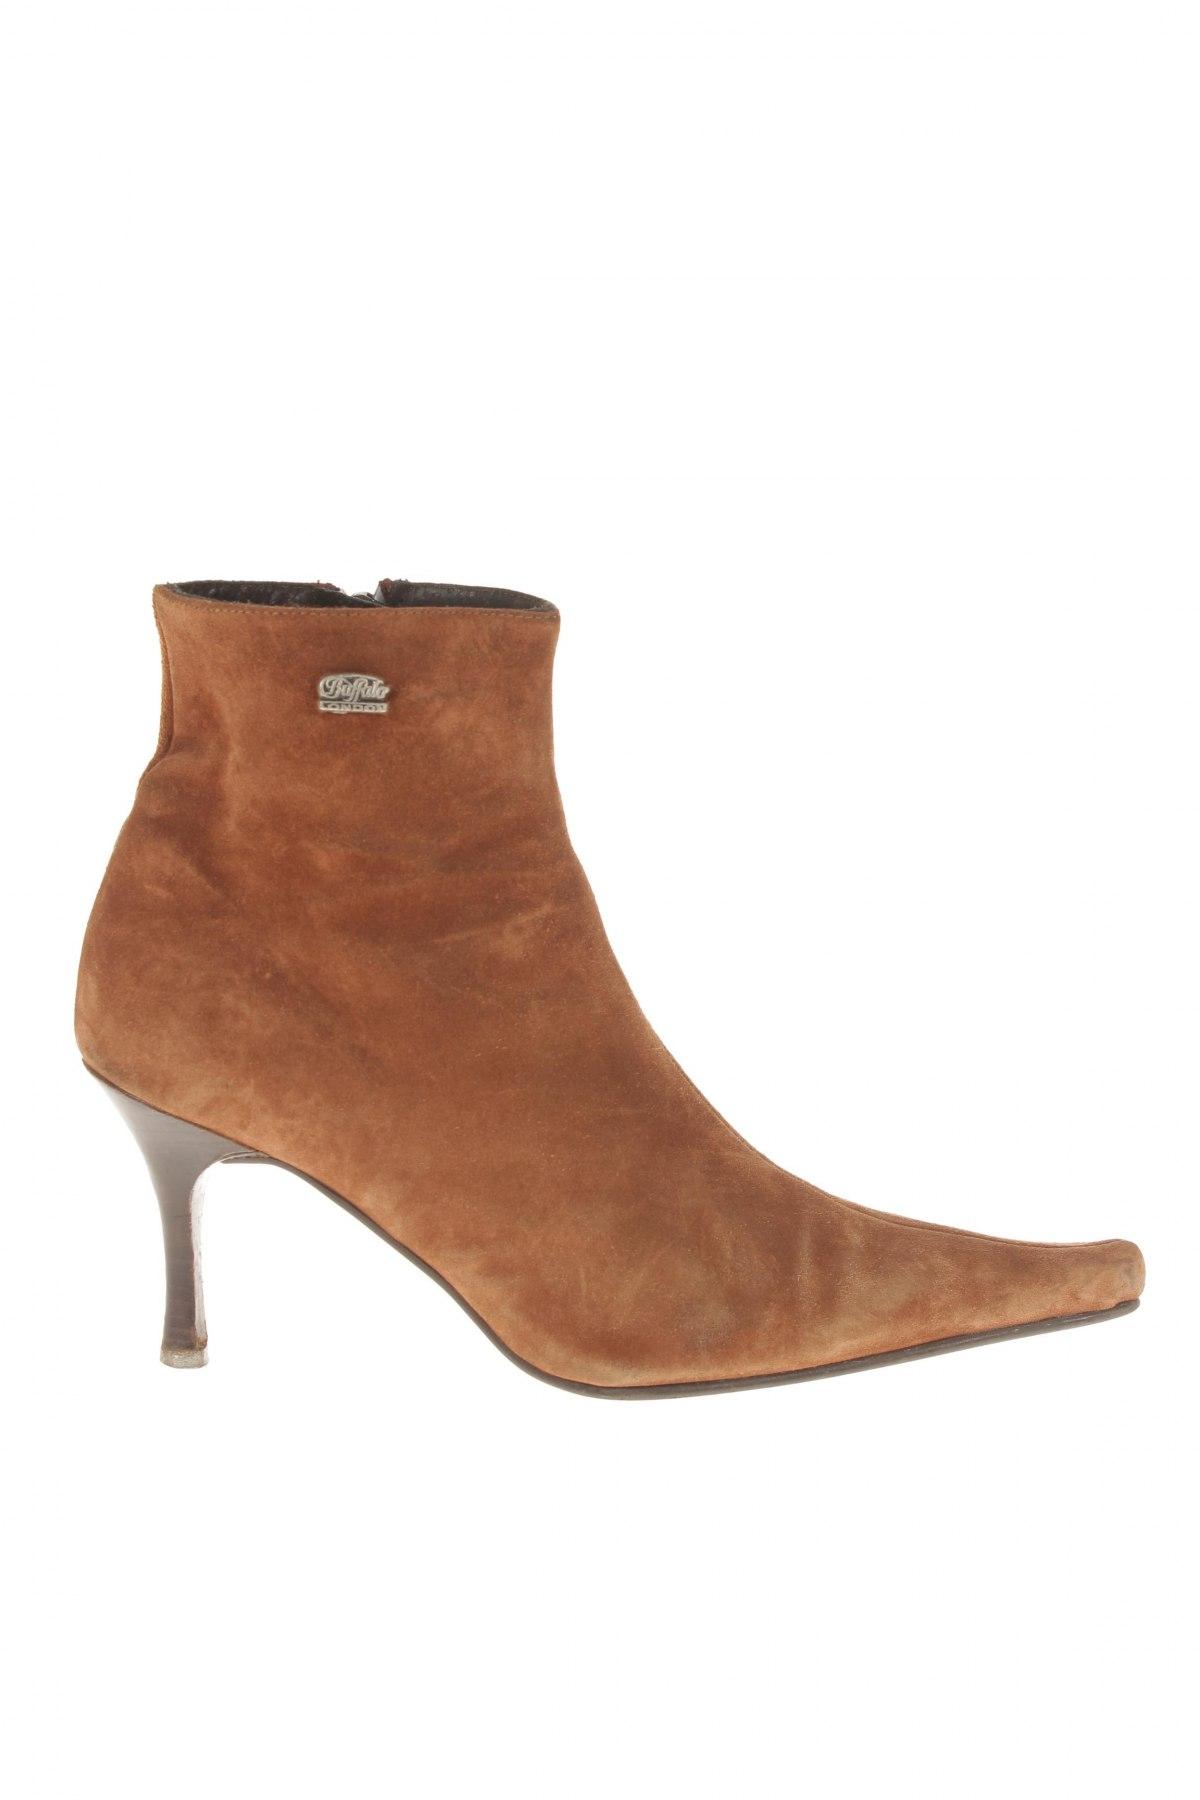 ed8b0b32da44 Dámské topánky Buffalo - za výhodnú cenu na Remix -  101926185